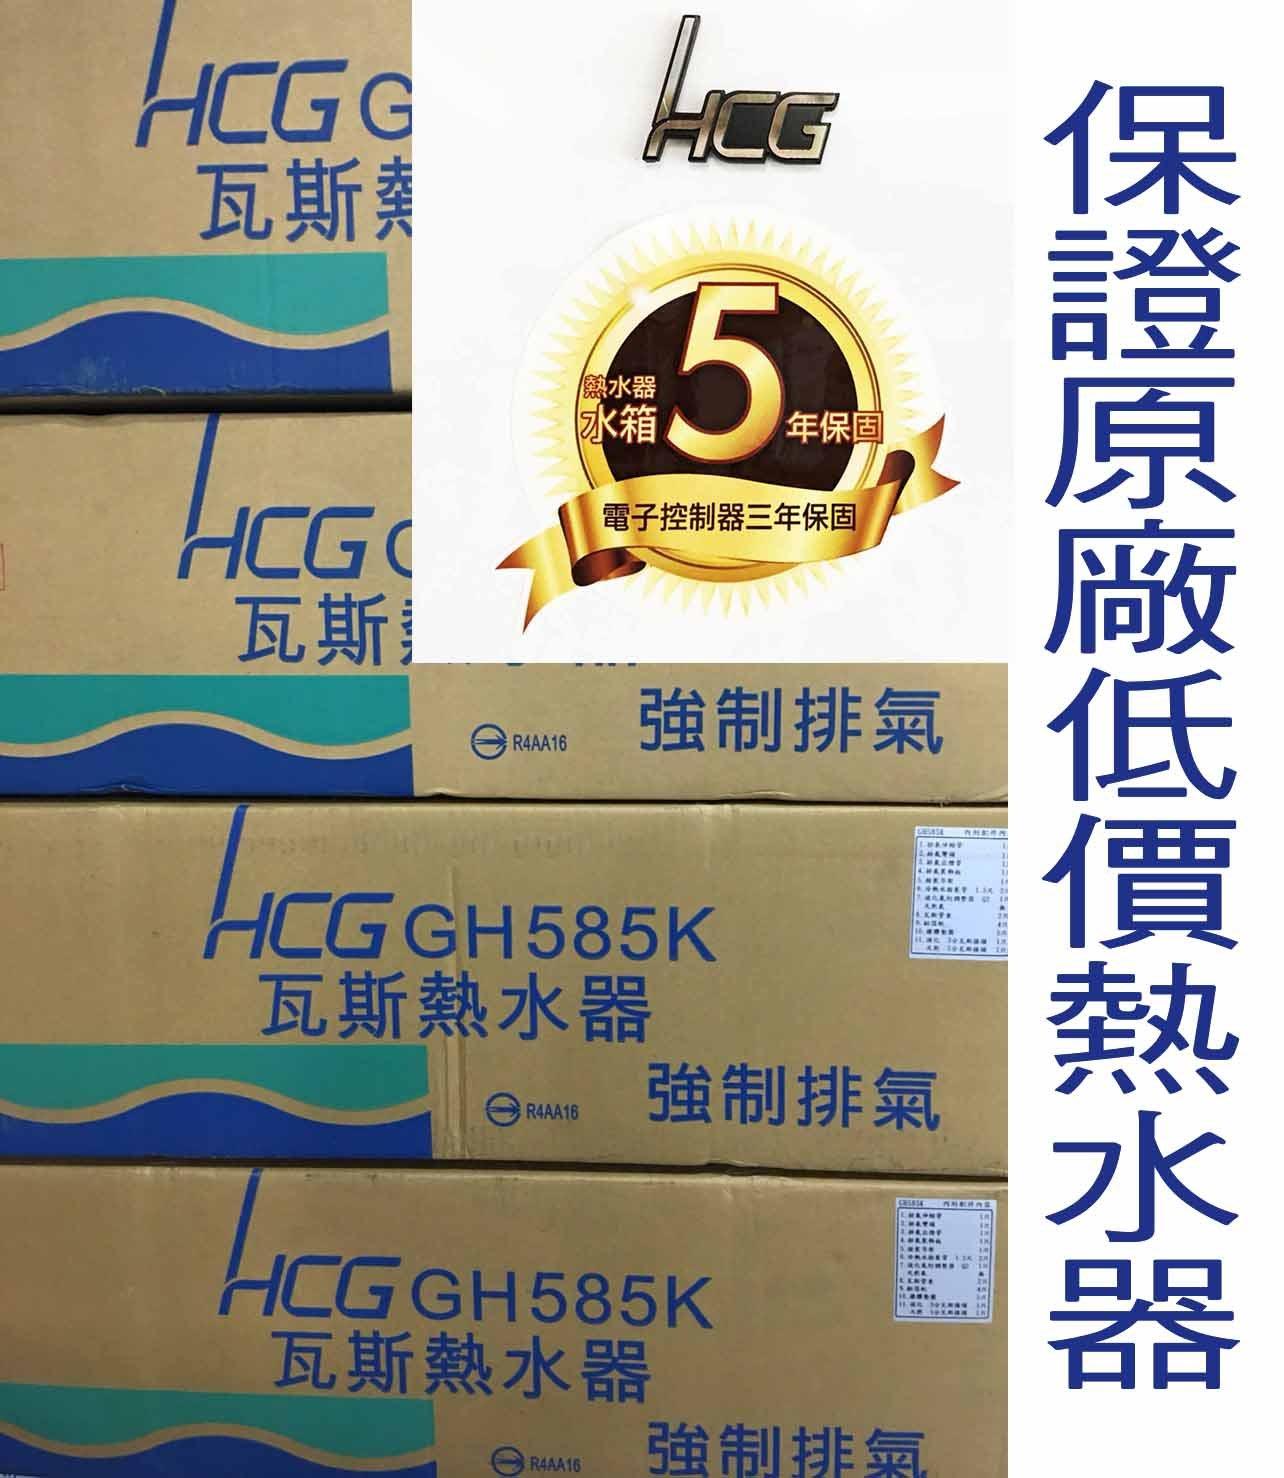 【揪愛呷己裝】12公升強排全面升級和成牌HCG1255數位面板機械恆溫強排熱水器全省宅配免運不含安裝五星級買家可貨到付